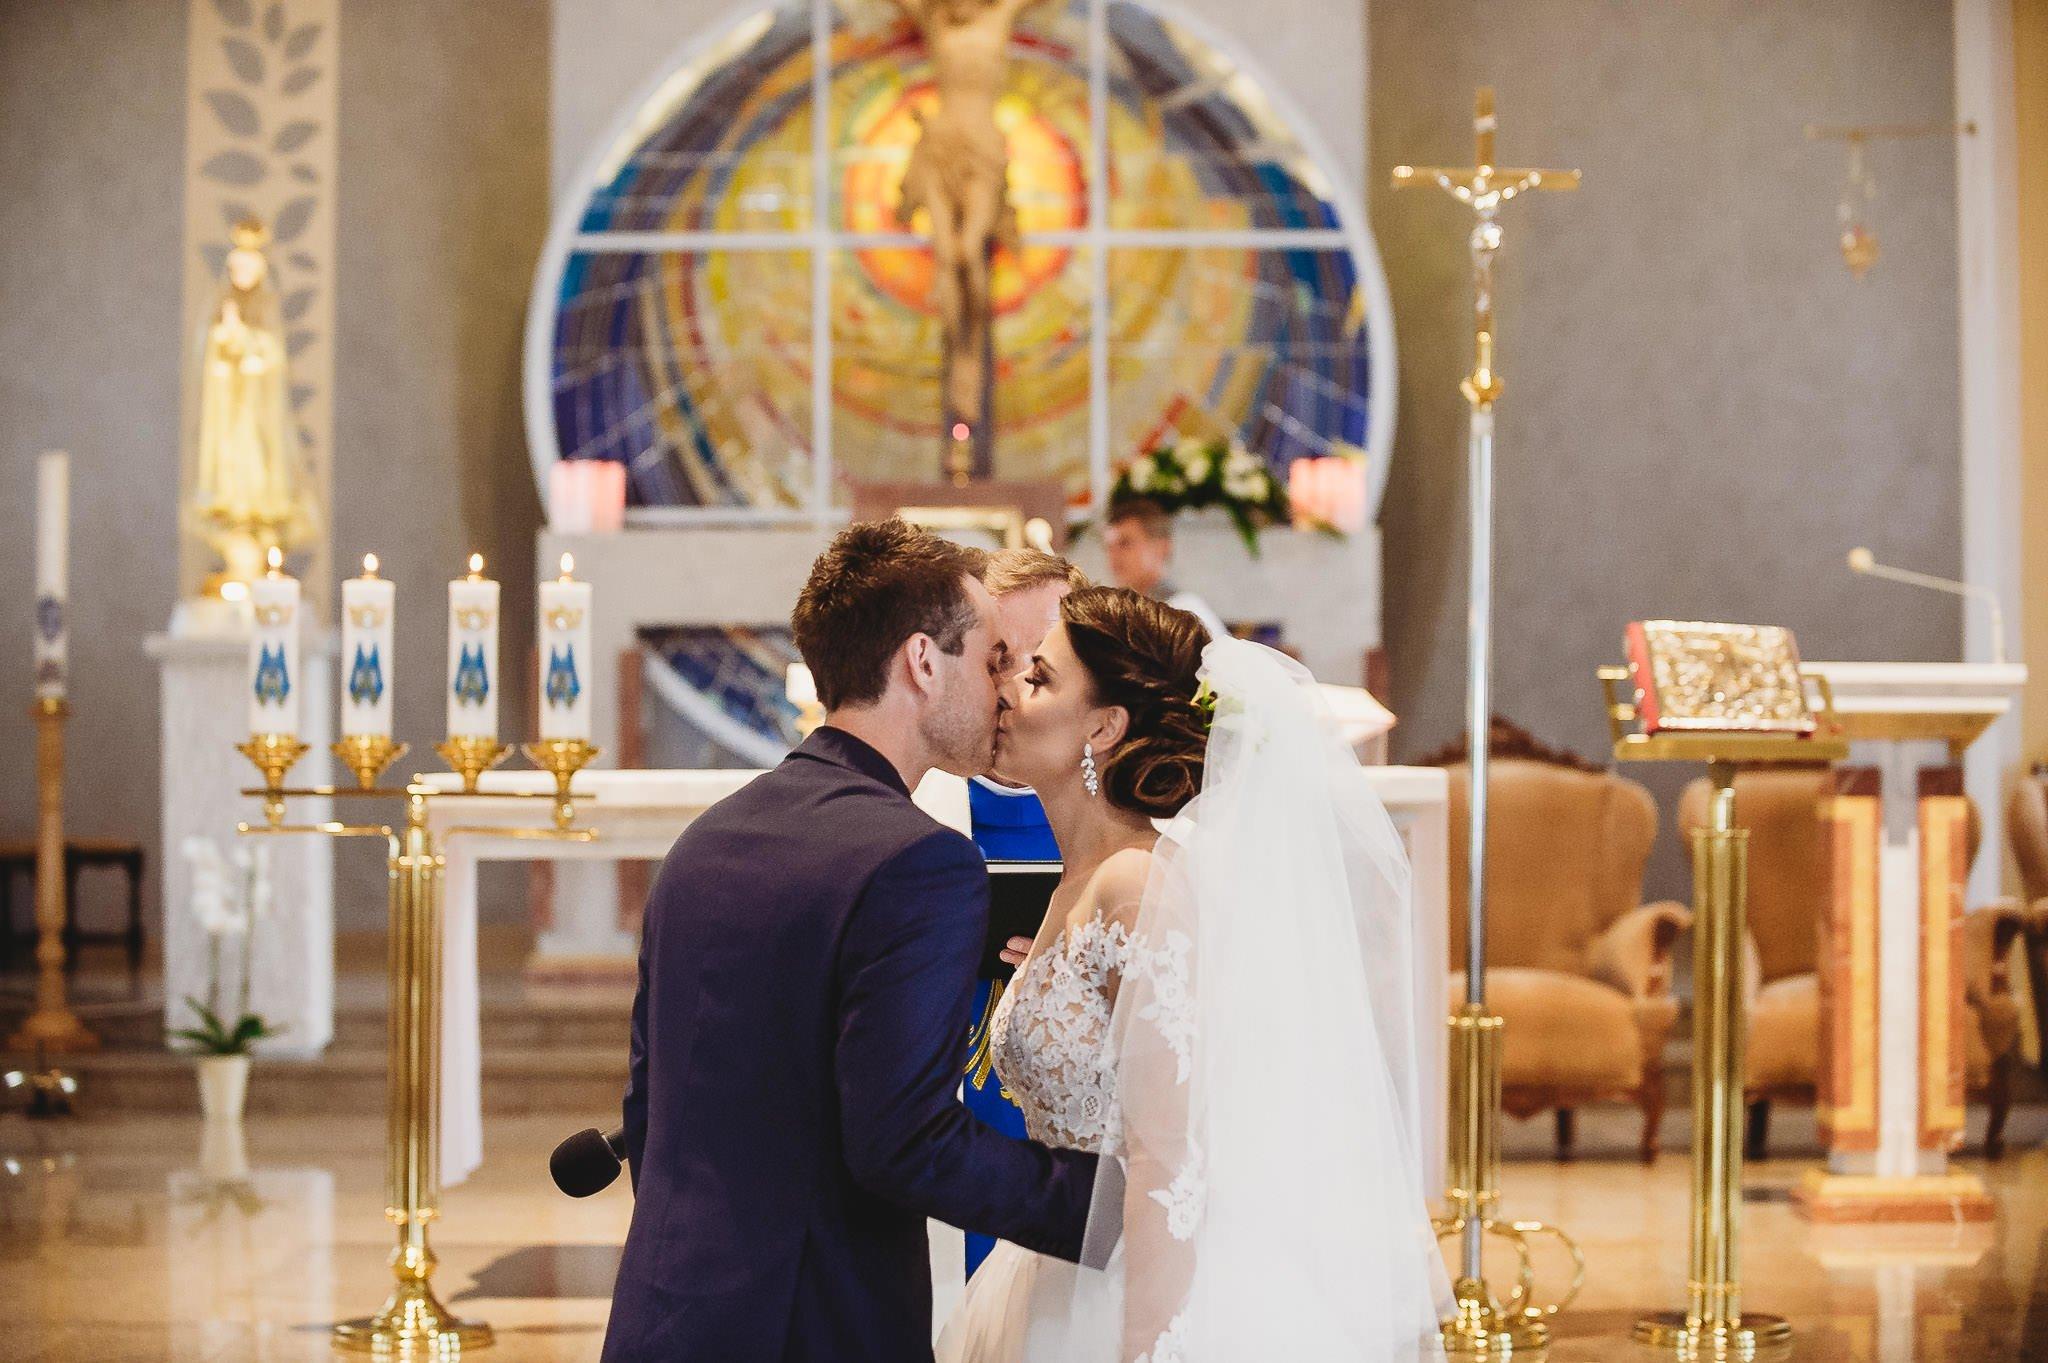 Angelika i Michał, piękne zdjęcia ślubne i sesja plenerowa w Gołuchowie 116